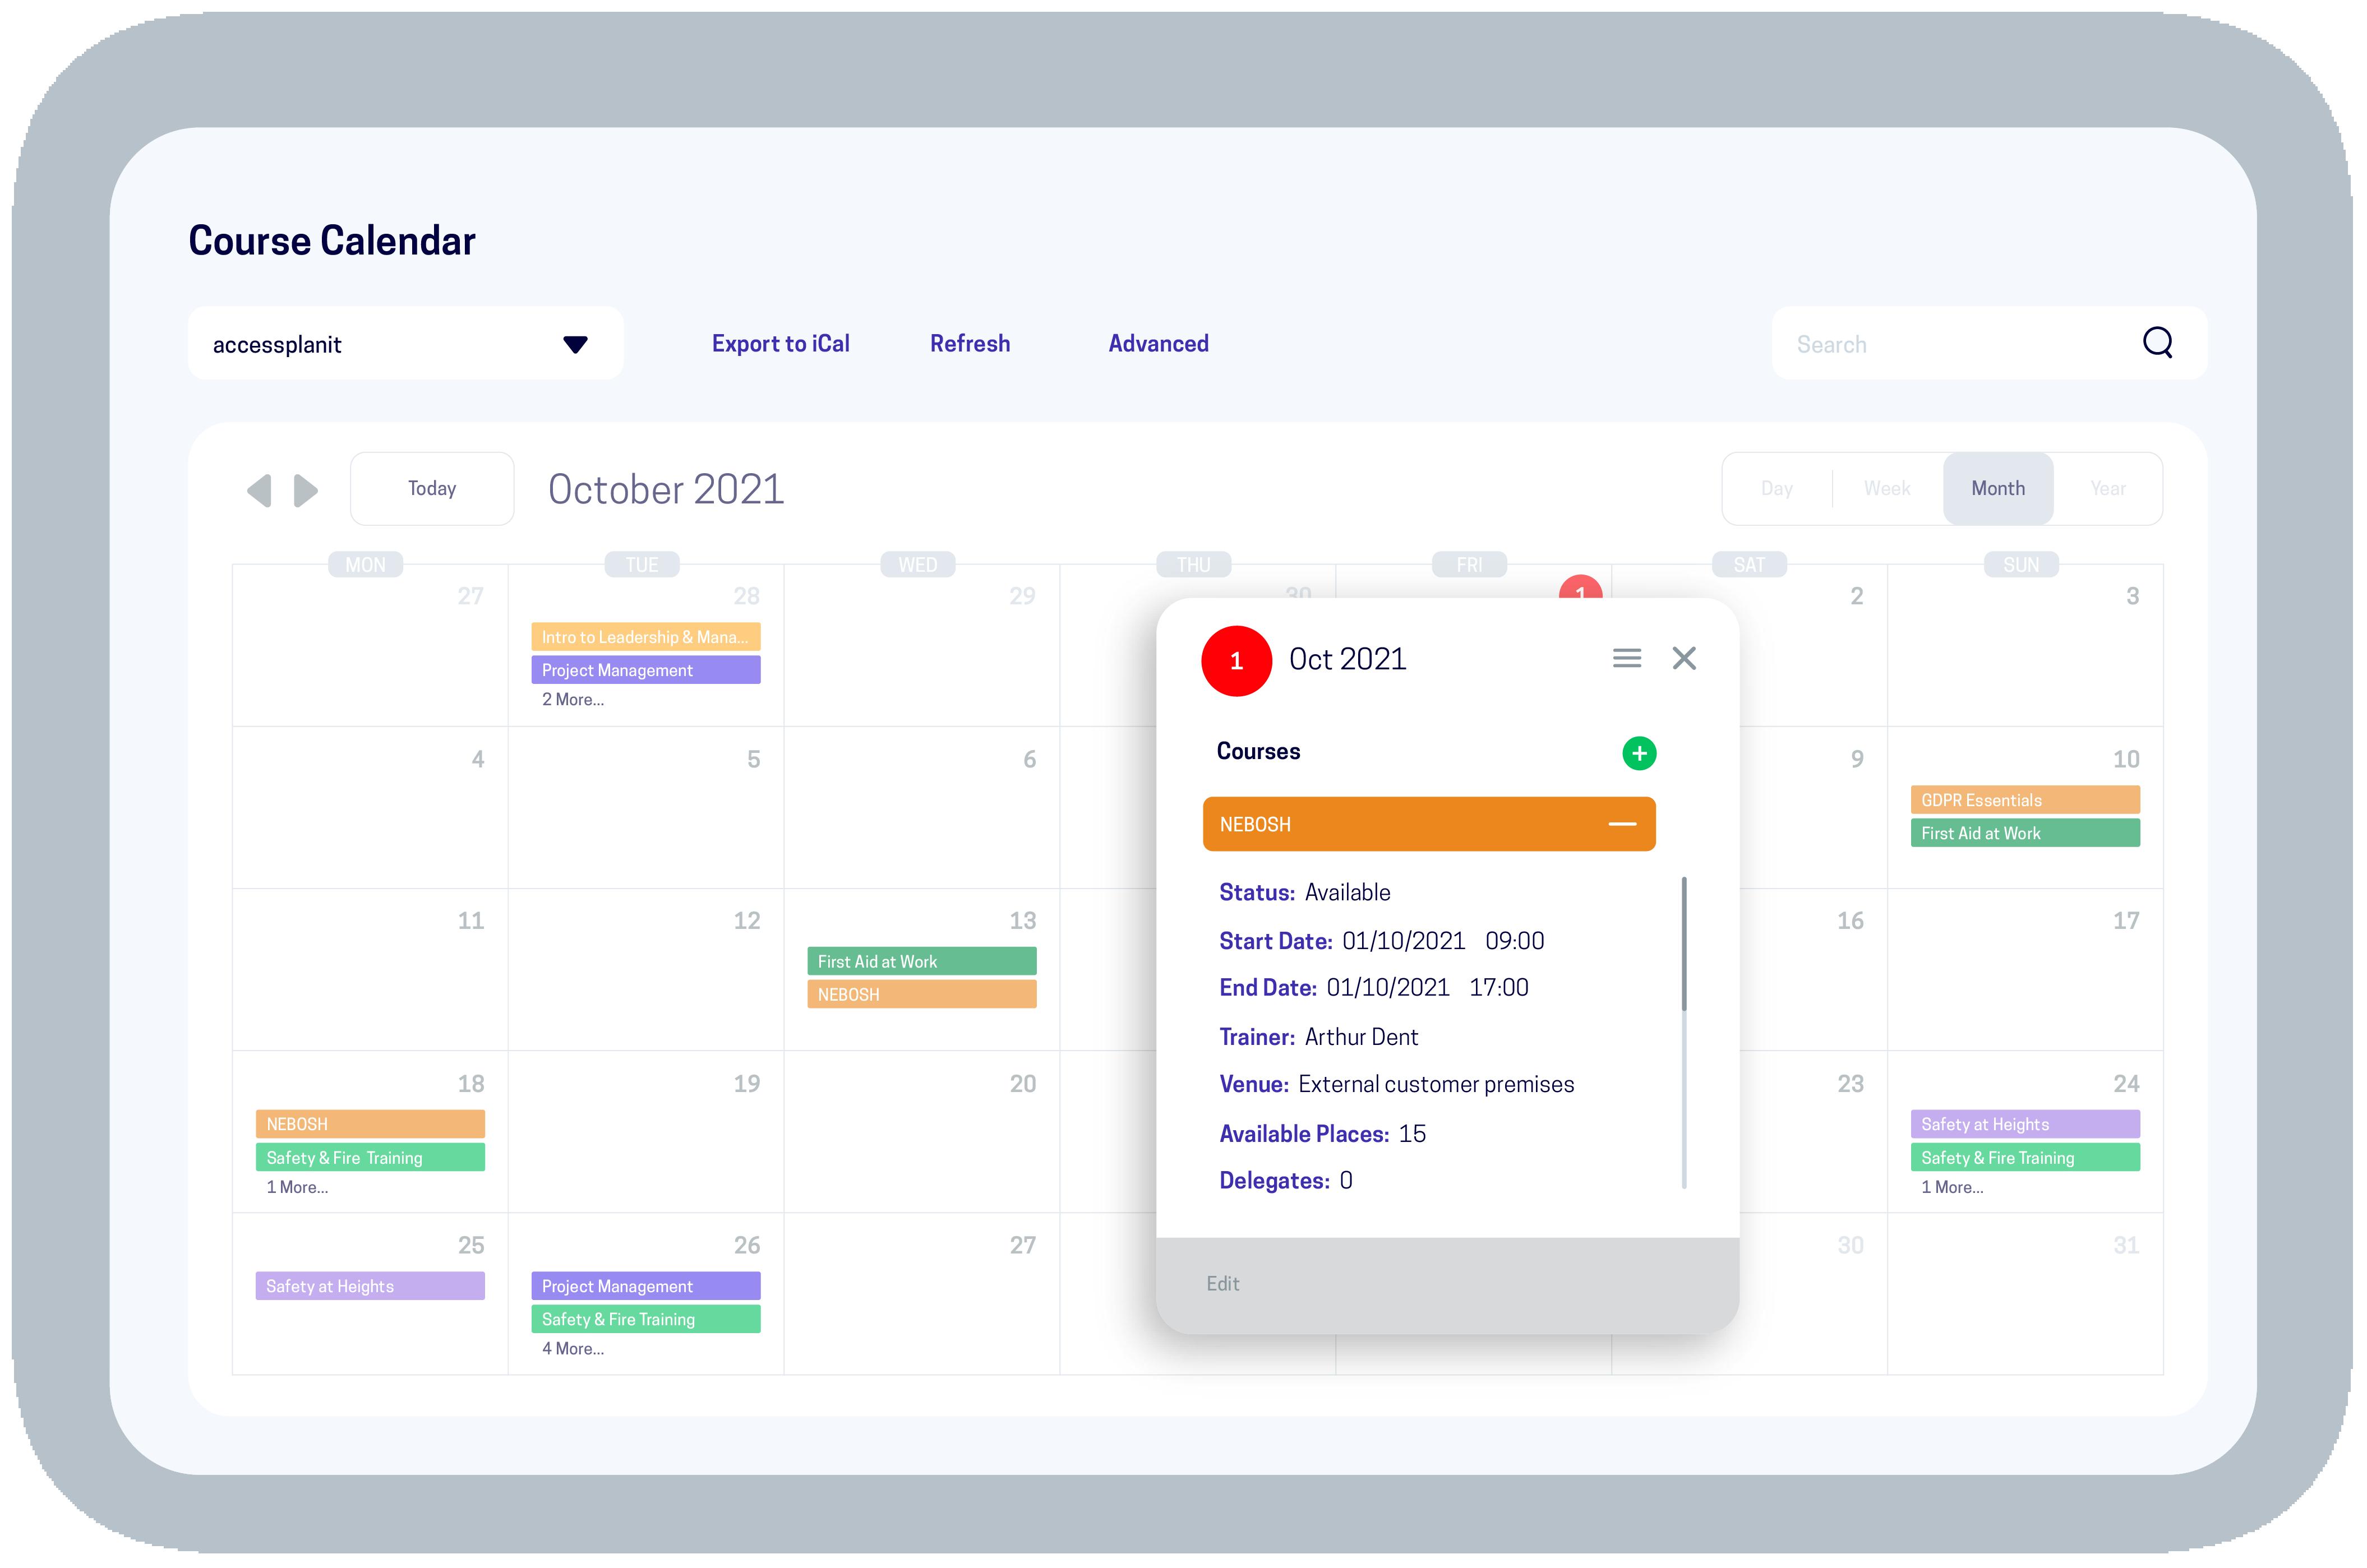 ap-course-calendar-software-screen